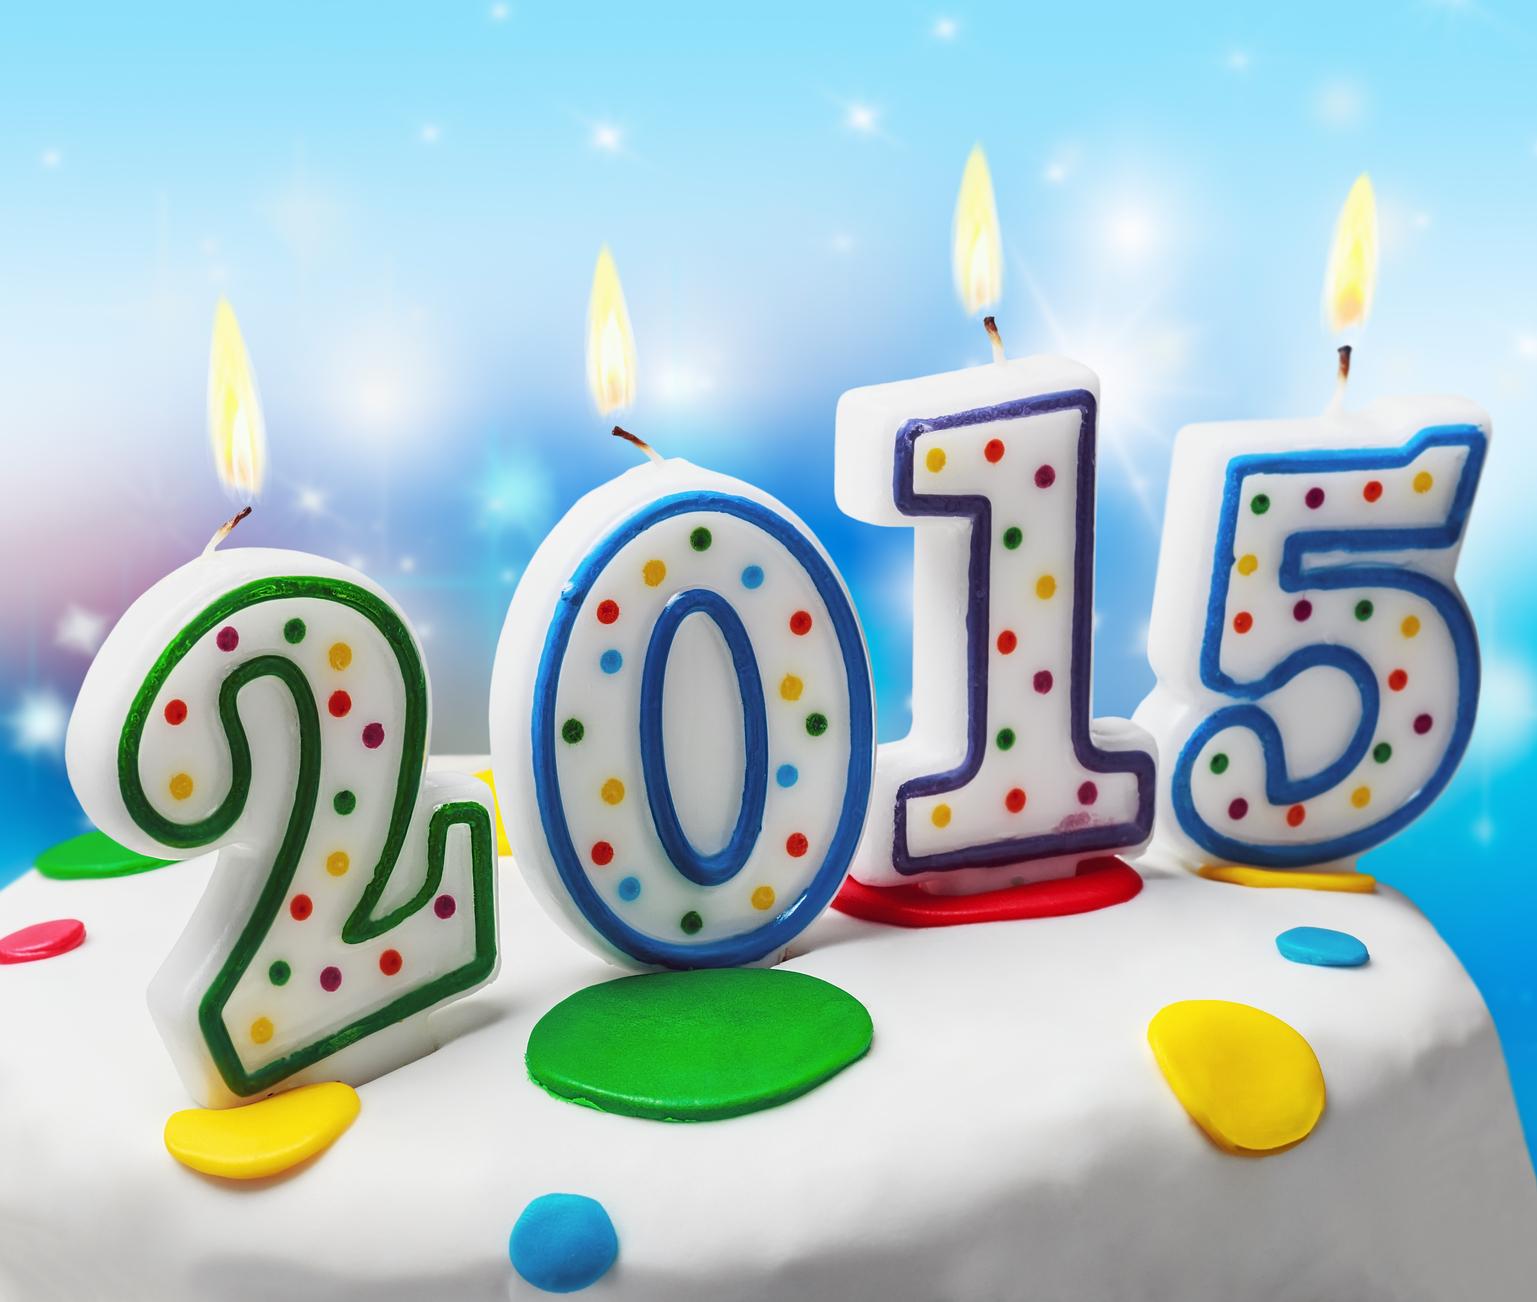 Imagenes Divertidas De Ano Nuevo 2014 | Fotos para